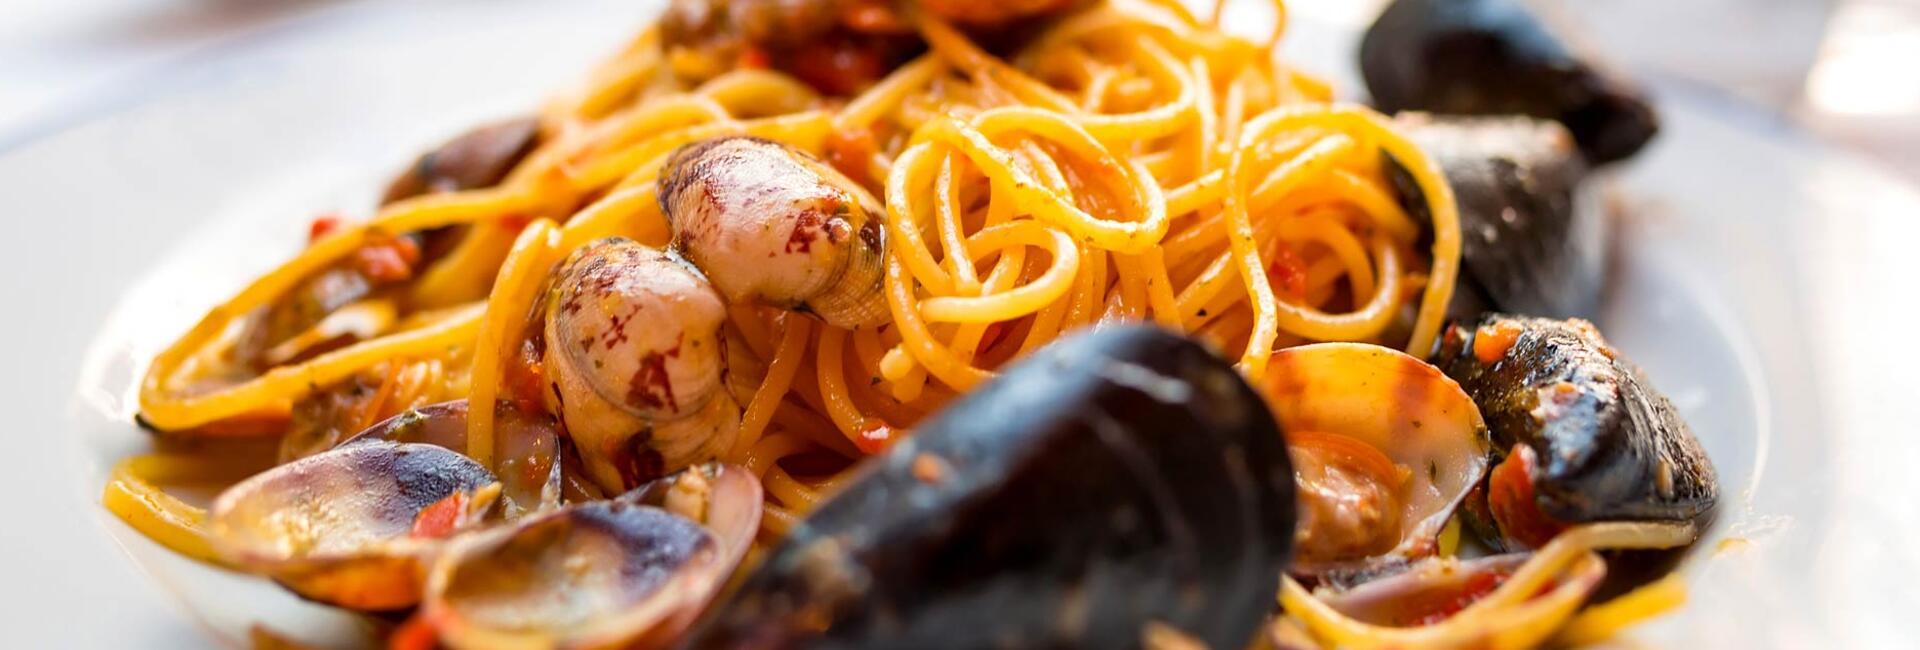 hotelapogeo it ristorante 004